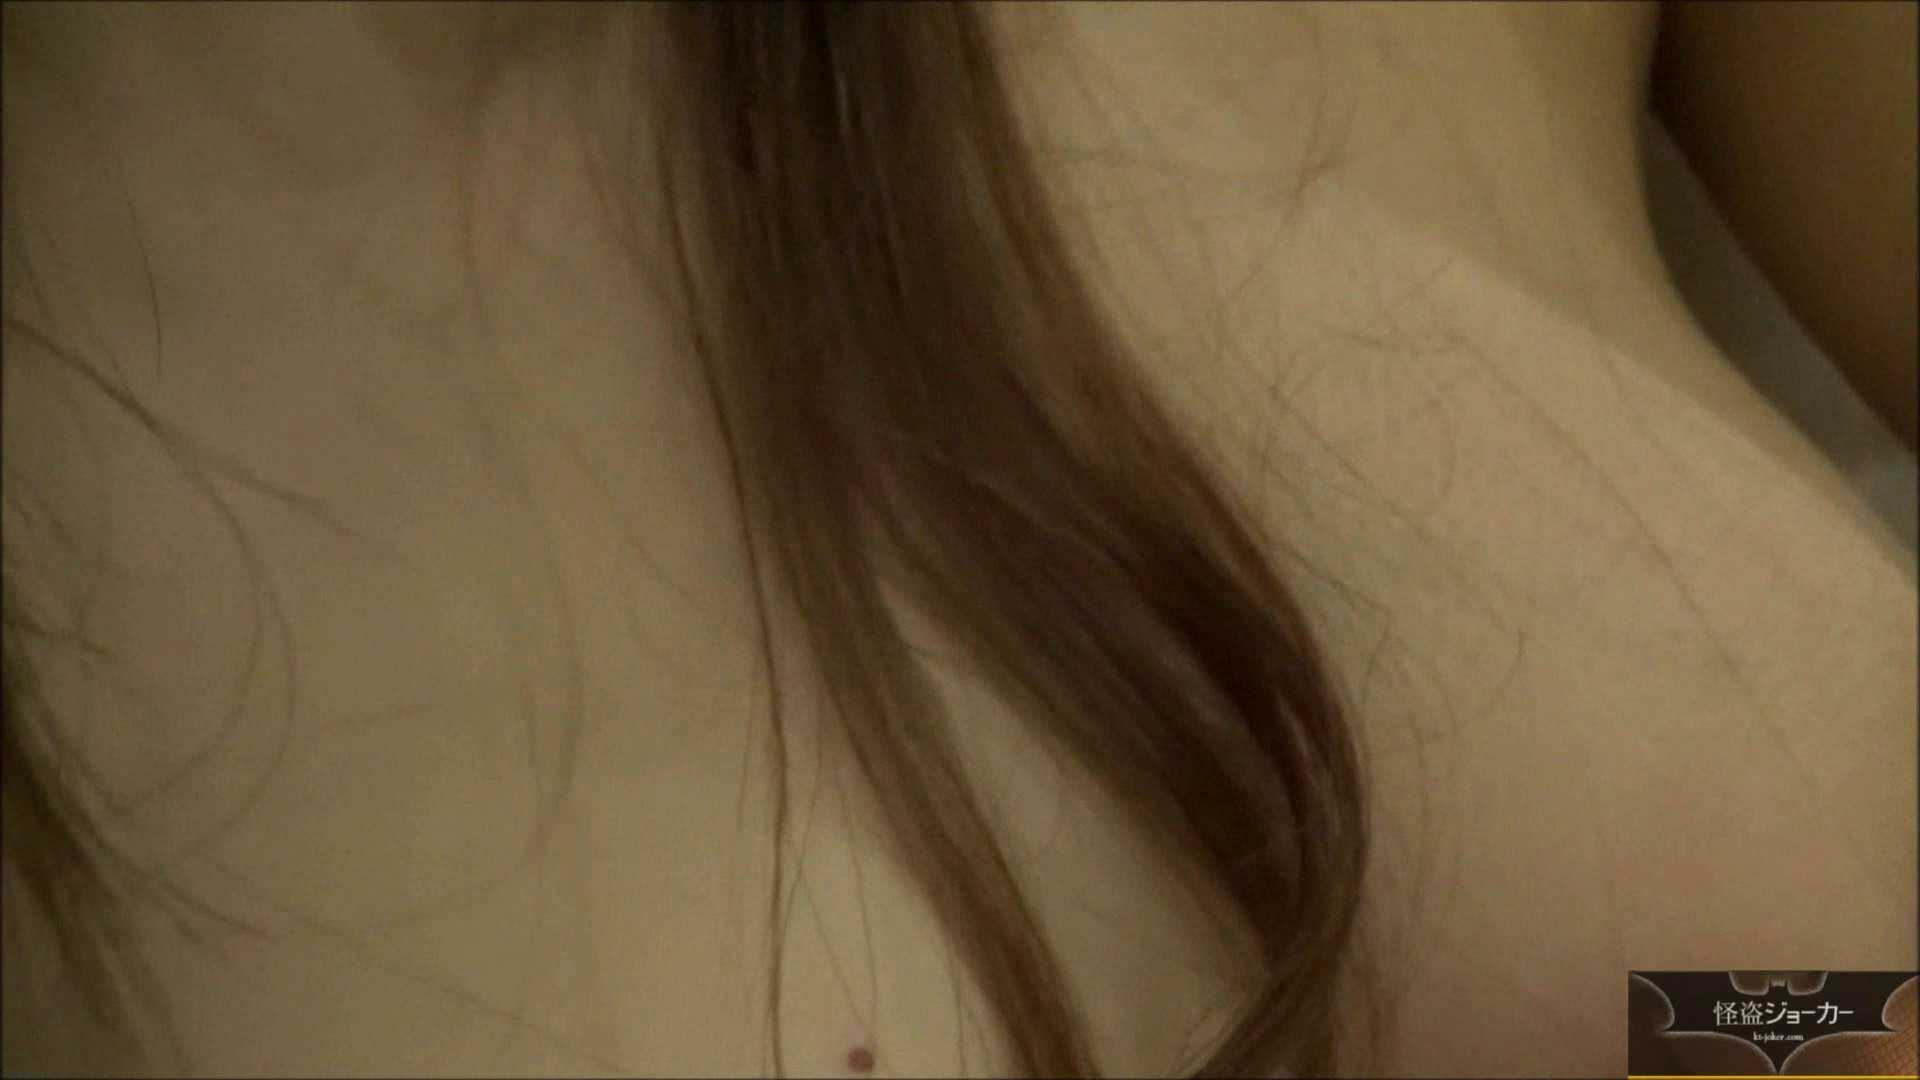 【未公開】vol.82 {関東某有名お嬢様JD}yuunaちゃん④【後編】 魅力 | お嬢様  55連発 22